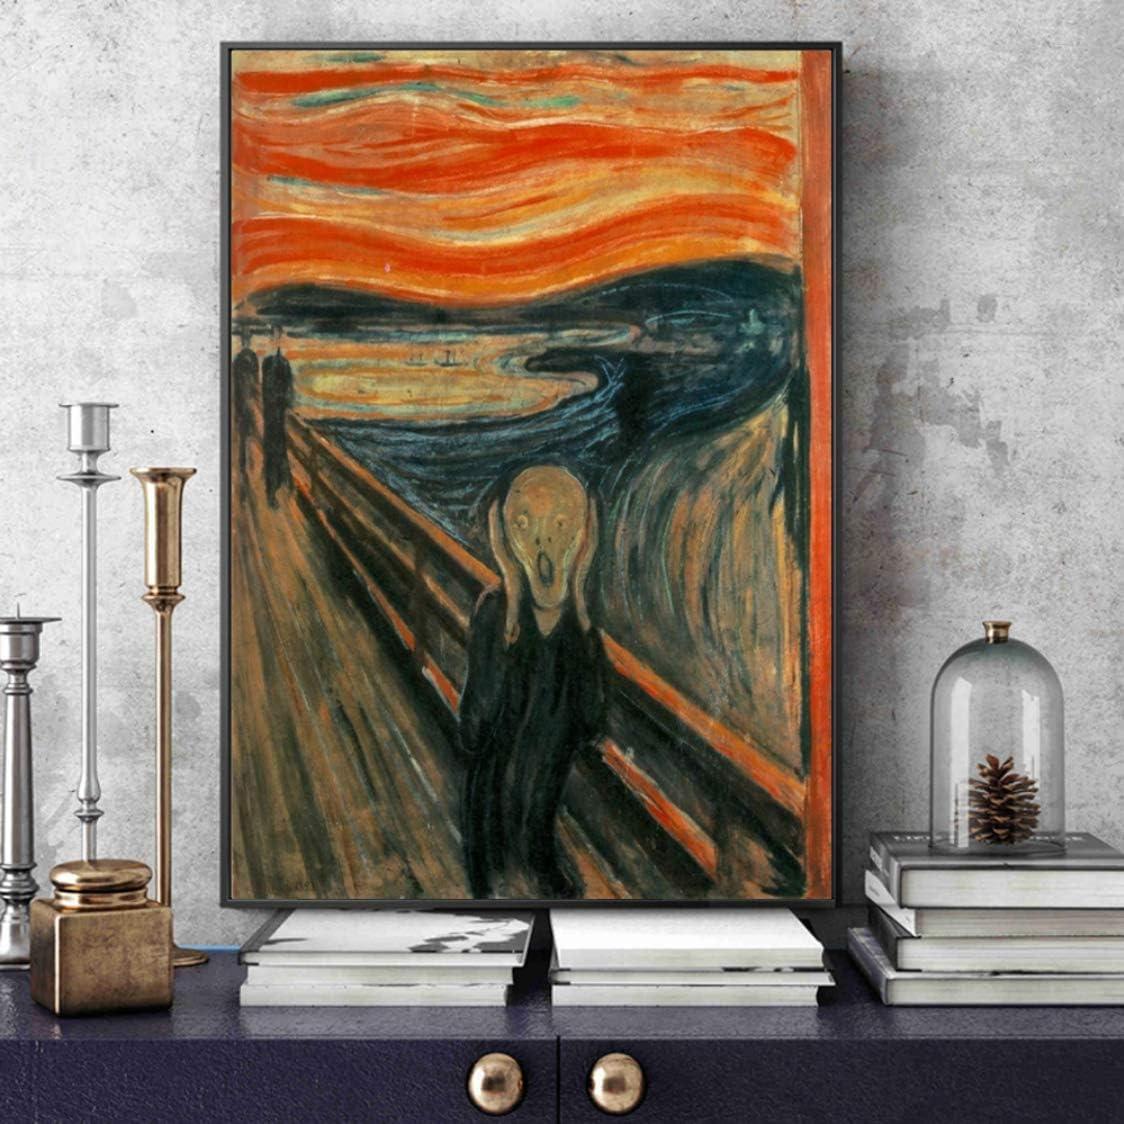 Danjiao Arte En Lienzo Pinturas Reproducciones Abstracto Clásico Grito Carteles De Pared Cuadros Decoración Del Hogar Sala De Estar Decor 60x90cm